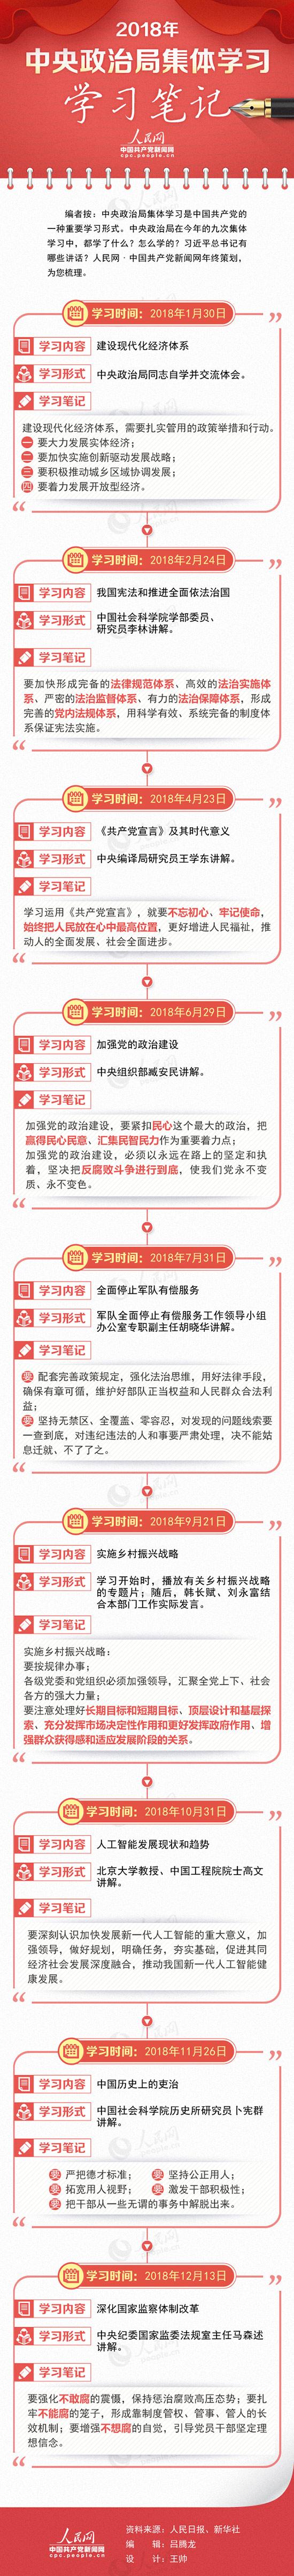 学习笔记:图解2018年中央政治局集体学习